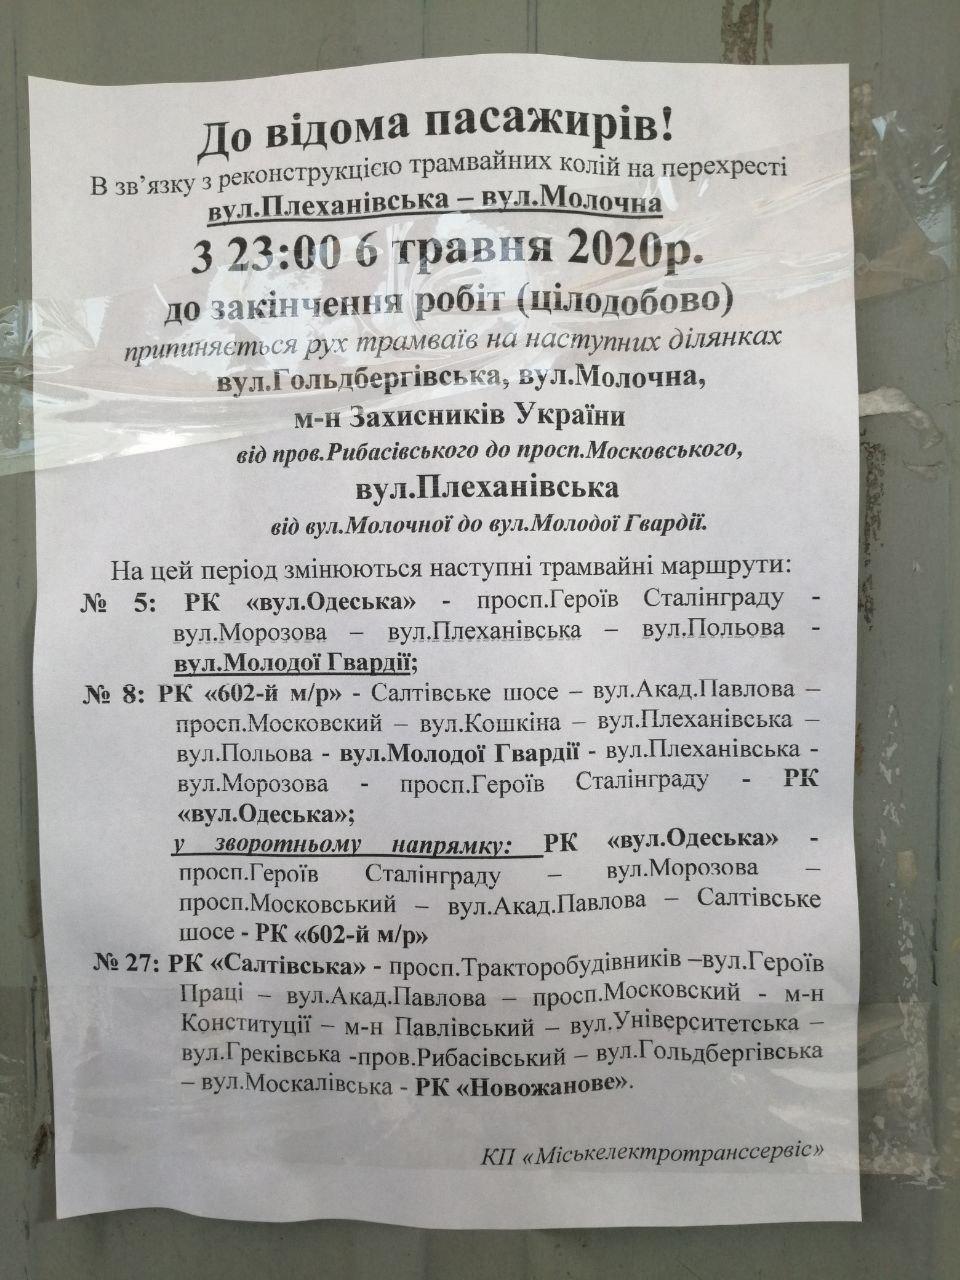 Прислал Александр Кудрич.